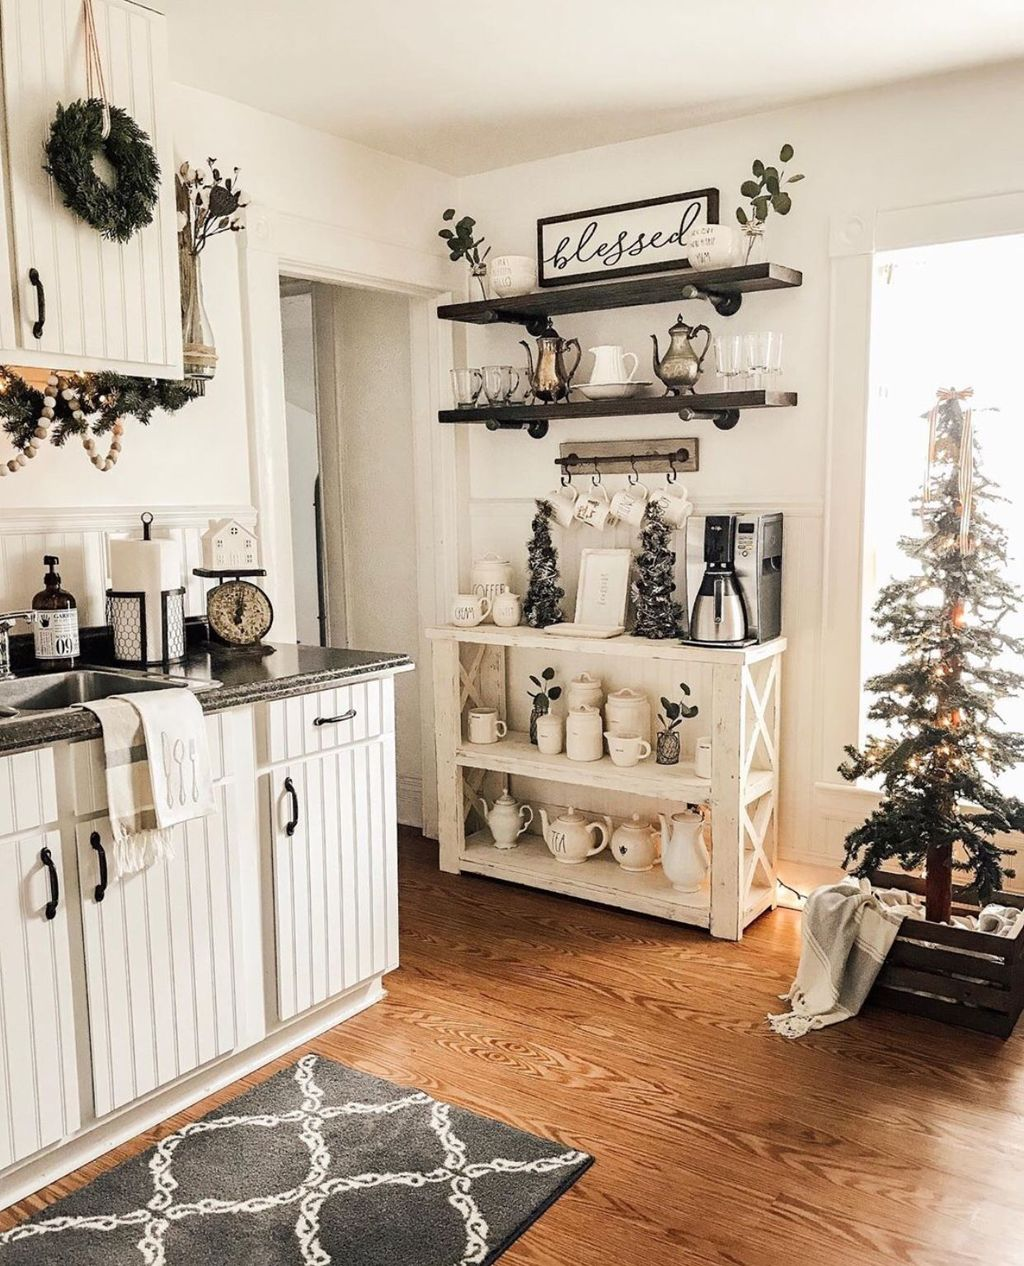 Stunning Winter Theme Kitchen Decorating Ideas 29